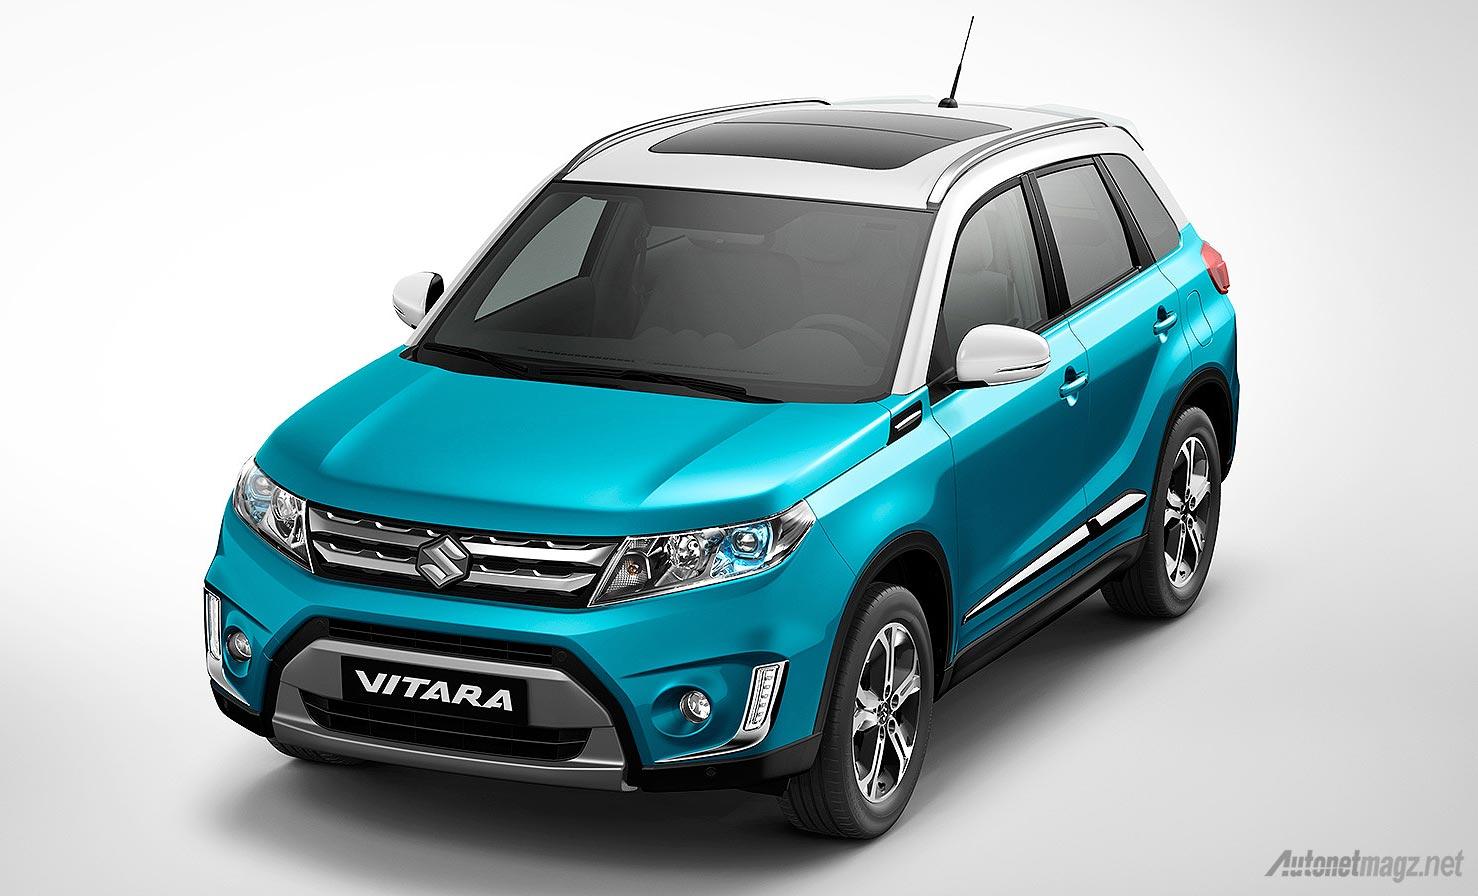 Bentuk desain Suzuki Vitara baru 2015